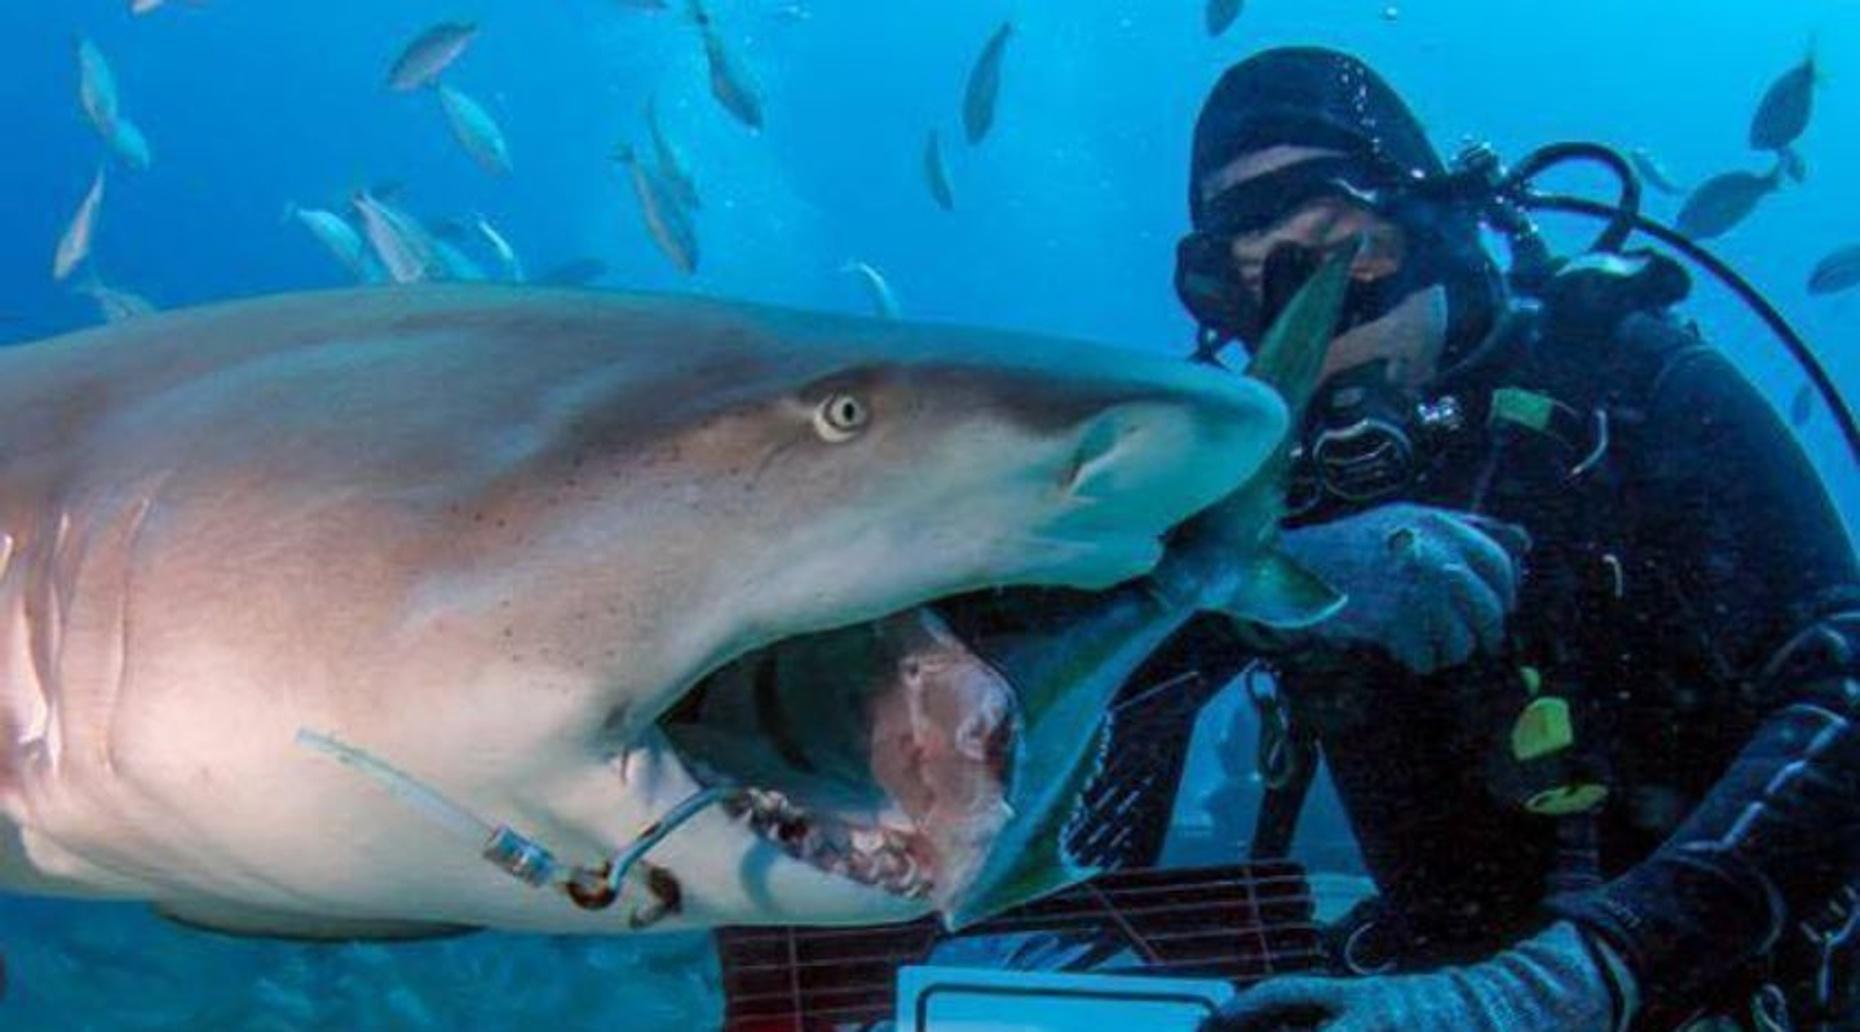 6-Pack Shark Dive in Jupiter